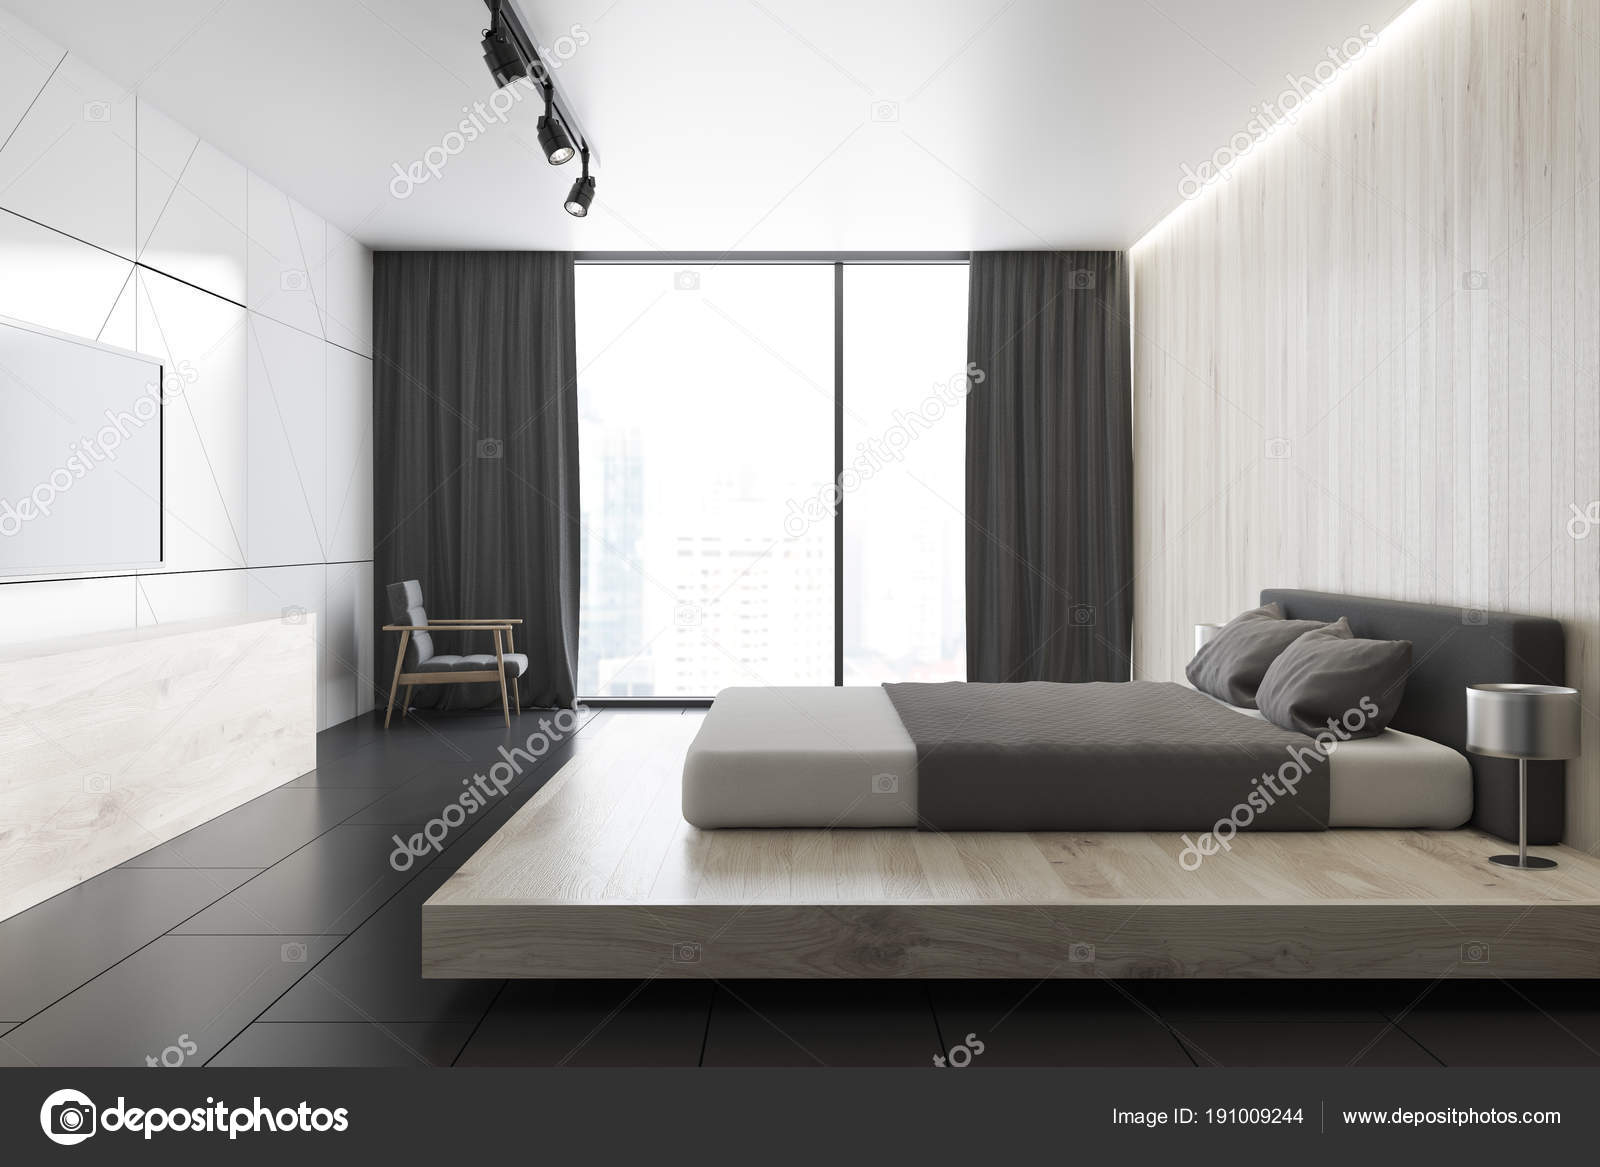 Loft Schlafzimmer Innenraum Mit Einer Weißen Und Hölzerne Wand, Geflieste  Eine Schwarze Boden Und Ein King Size Bett. Ein Tv Gerät An Der Wand.